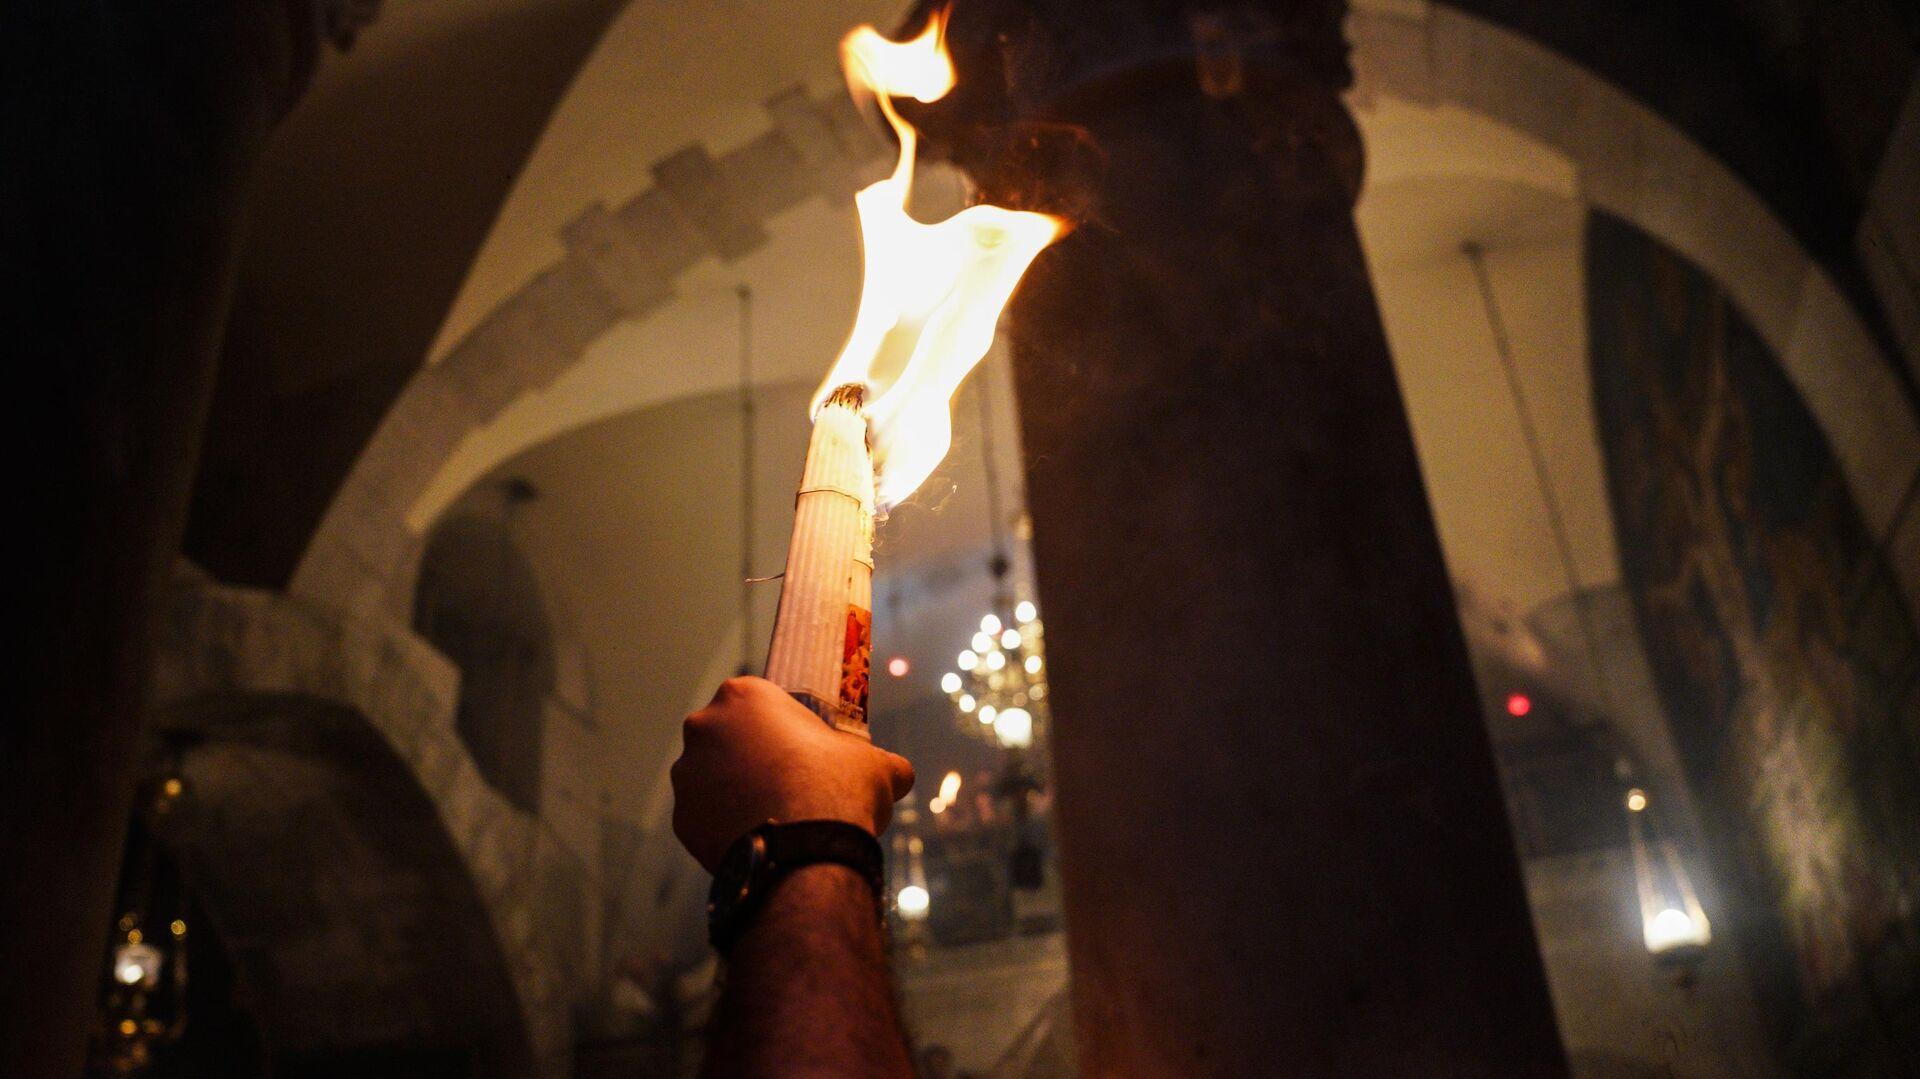 Верующие у храма Гроба Господня, где празднуется схождение Благодатного огня. 27 апреля 2019 - РИА Новости, 1920, 01.05.2021